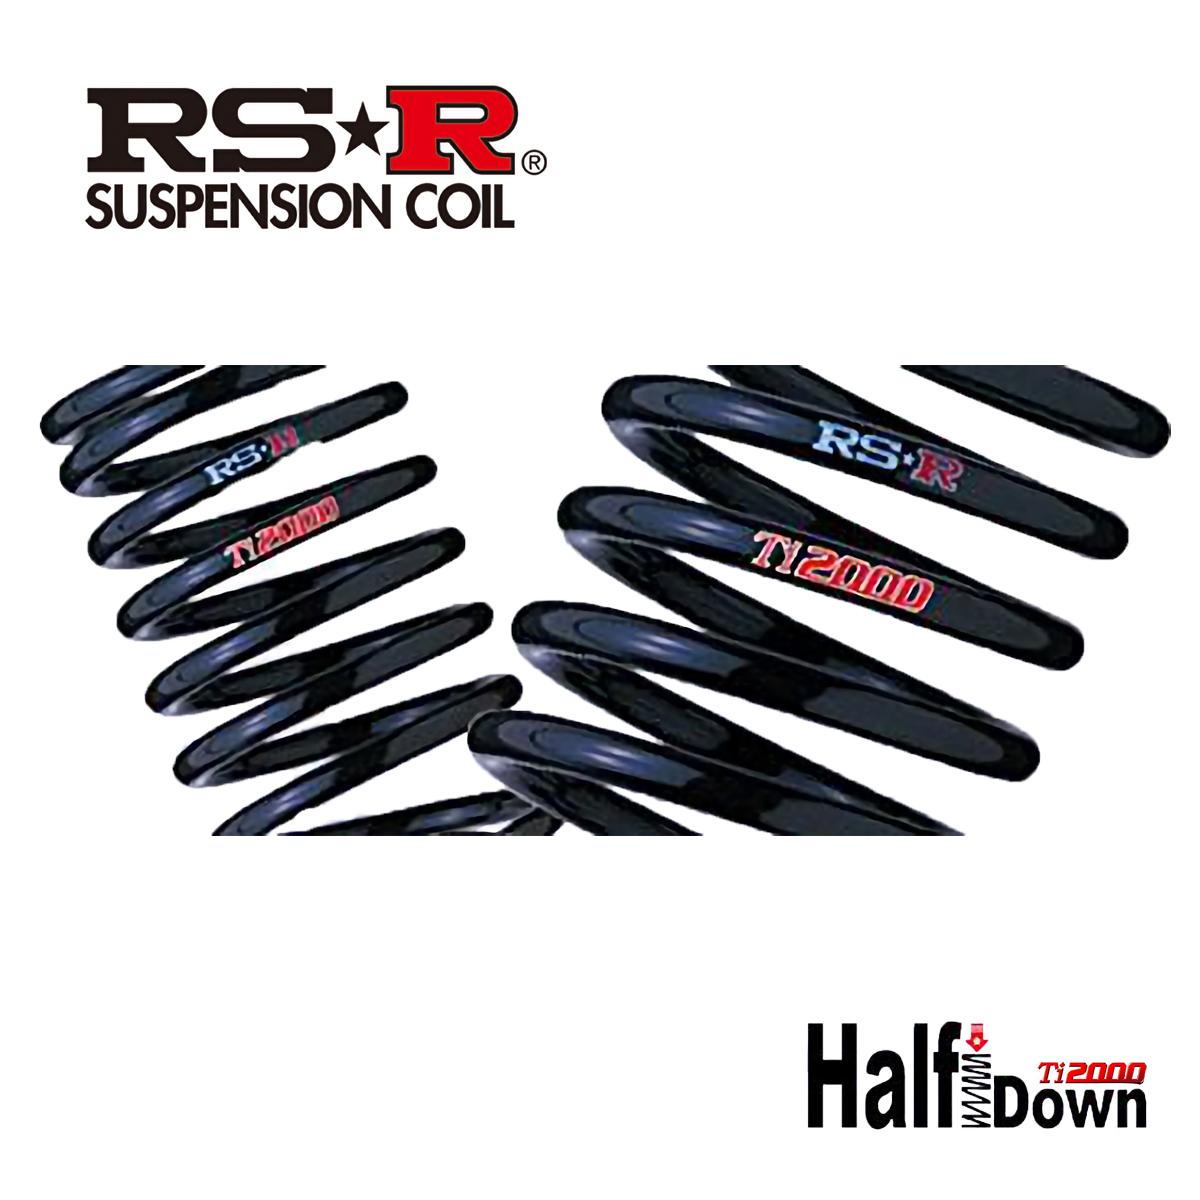 RS-R エブリィ エブリイ エブリー ワゴン DA17W PZターボ ダウンサス スプリング フロント S650THDF Ti2000 ハーフダウン RSR 個人宅発送追金有